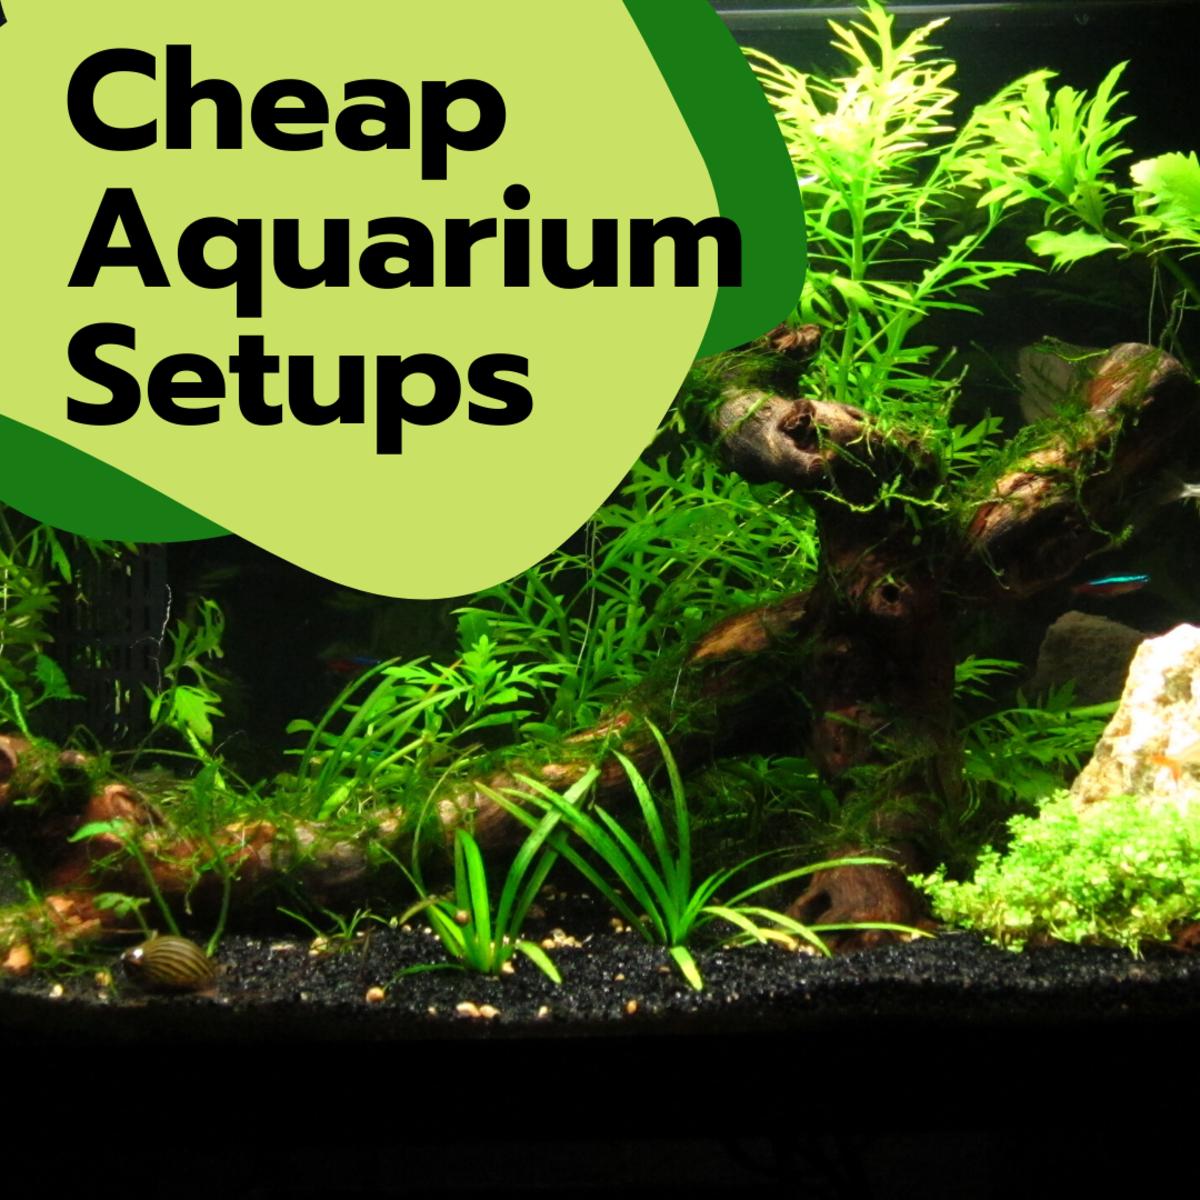 Cheap Alternatives to an Aquarium Setup